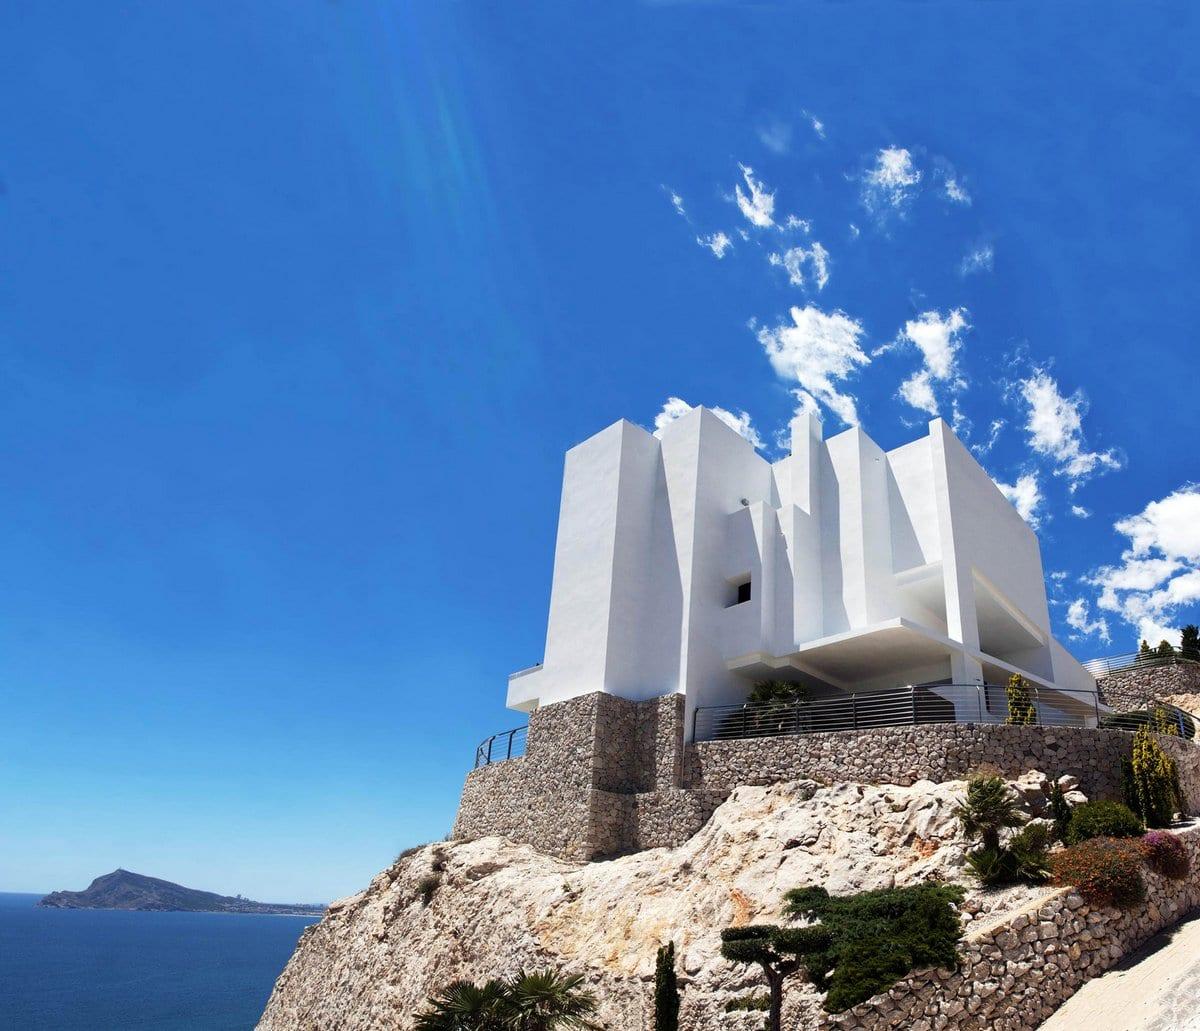 Впечатляющая вилла на побережье Средиземного моря